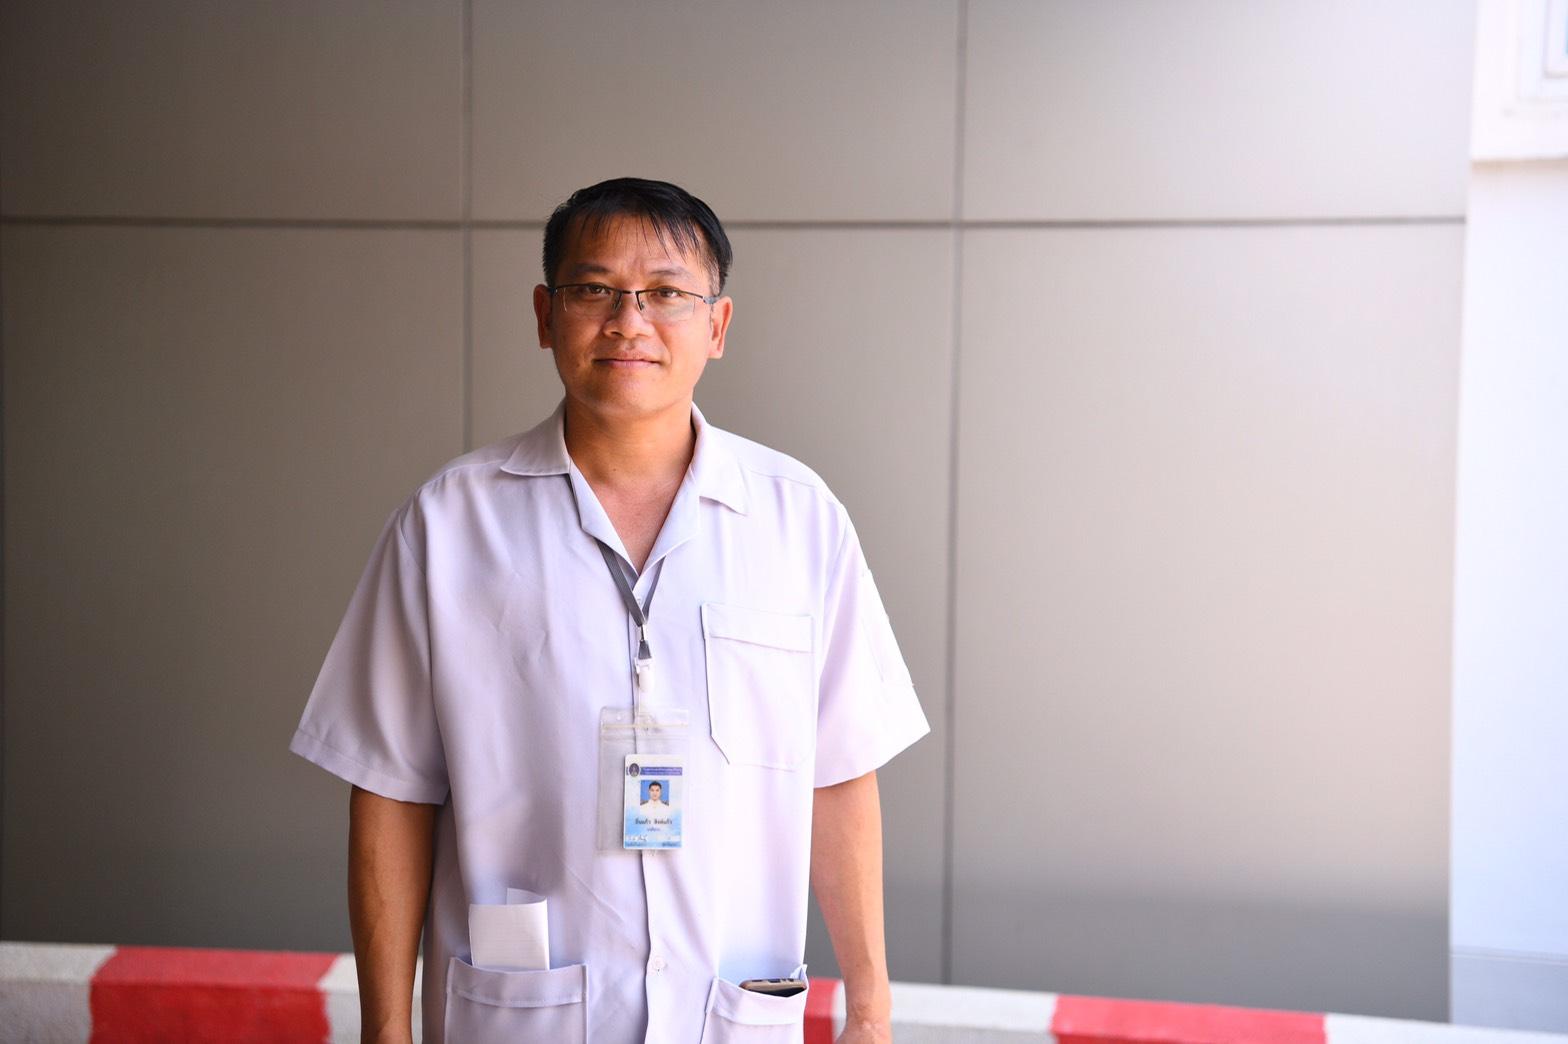 เภสัชกรอาสา แนะนำการใช้ยาที่ถูกต้อง thaihealth